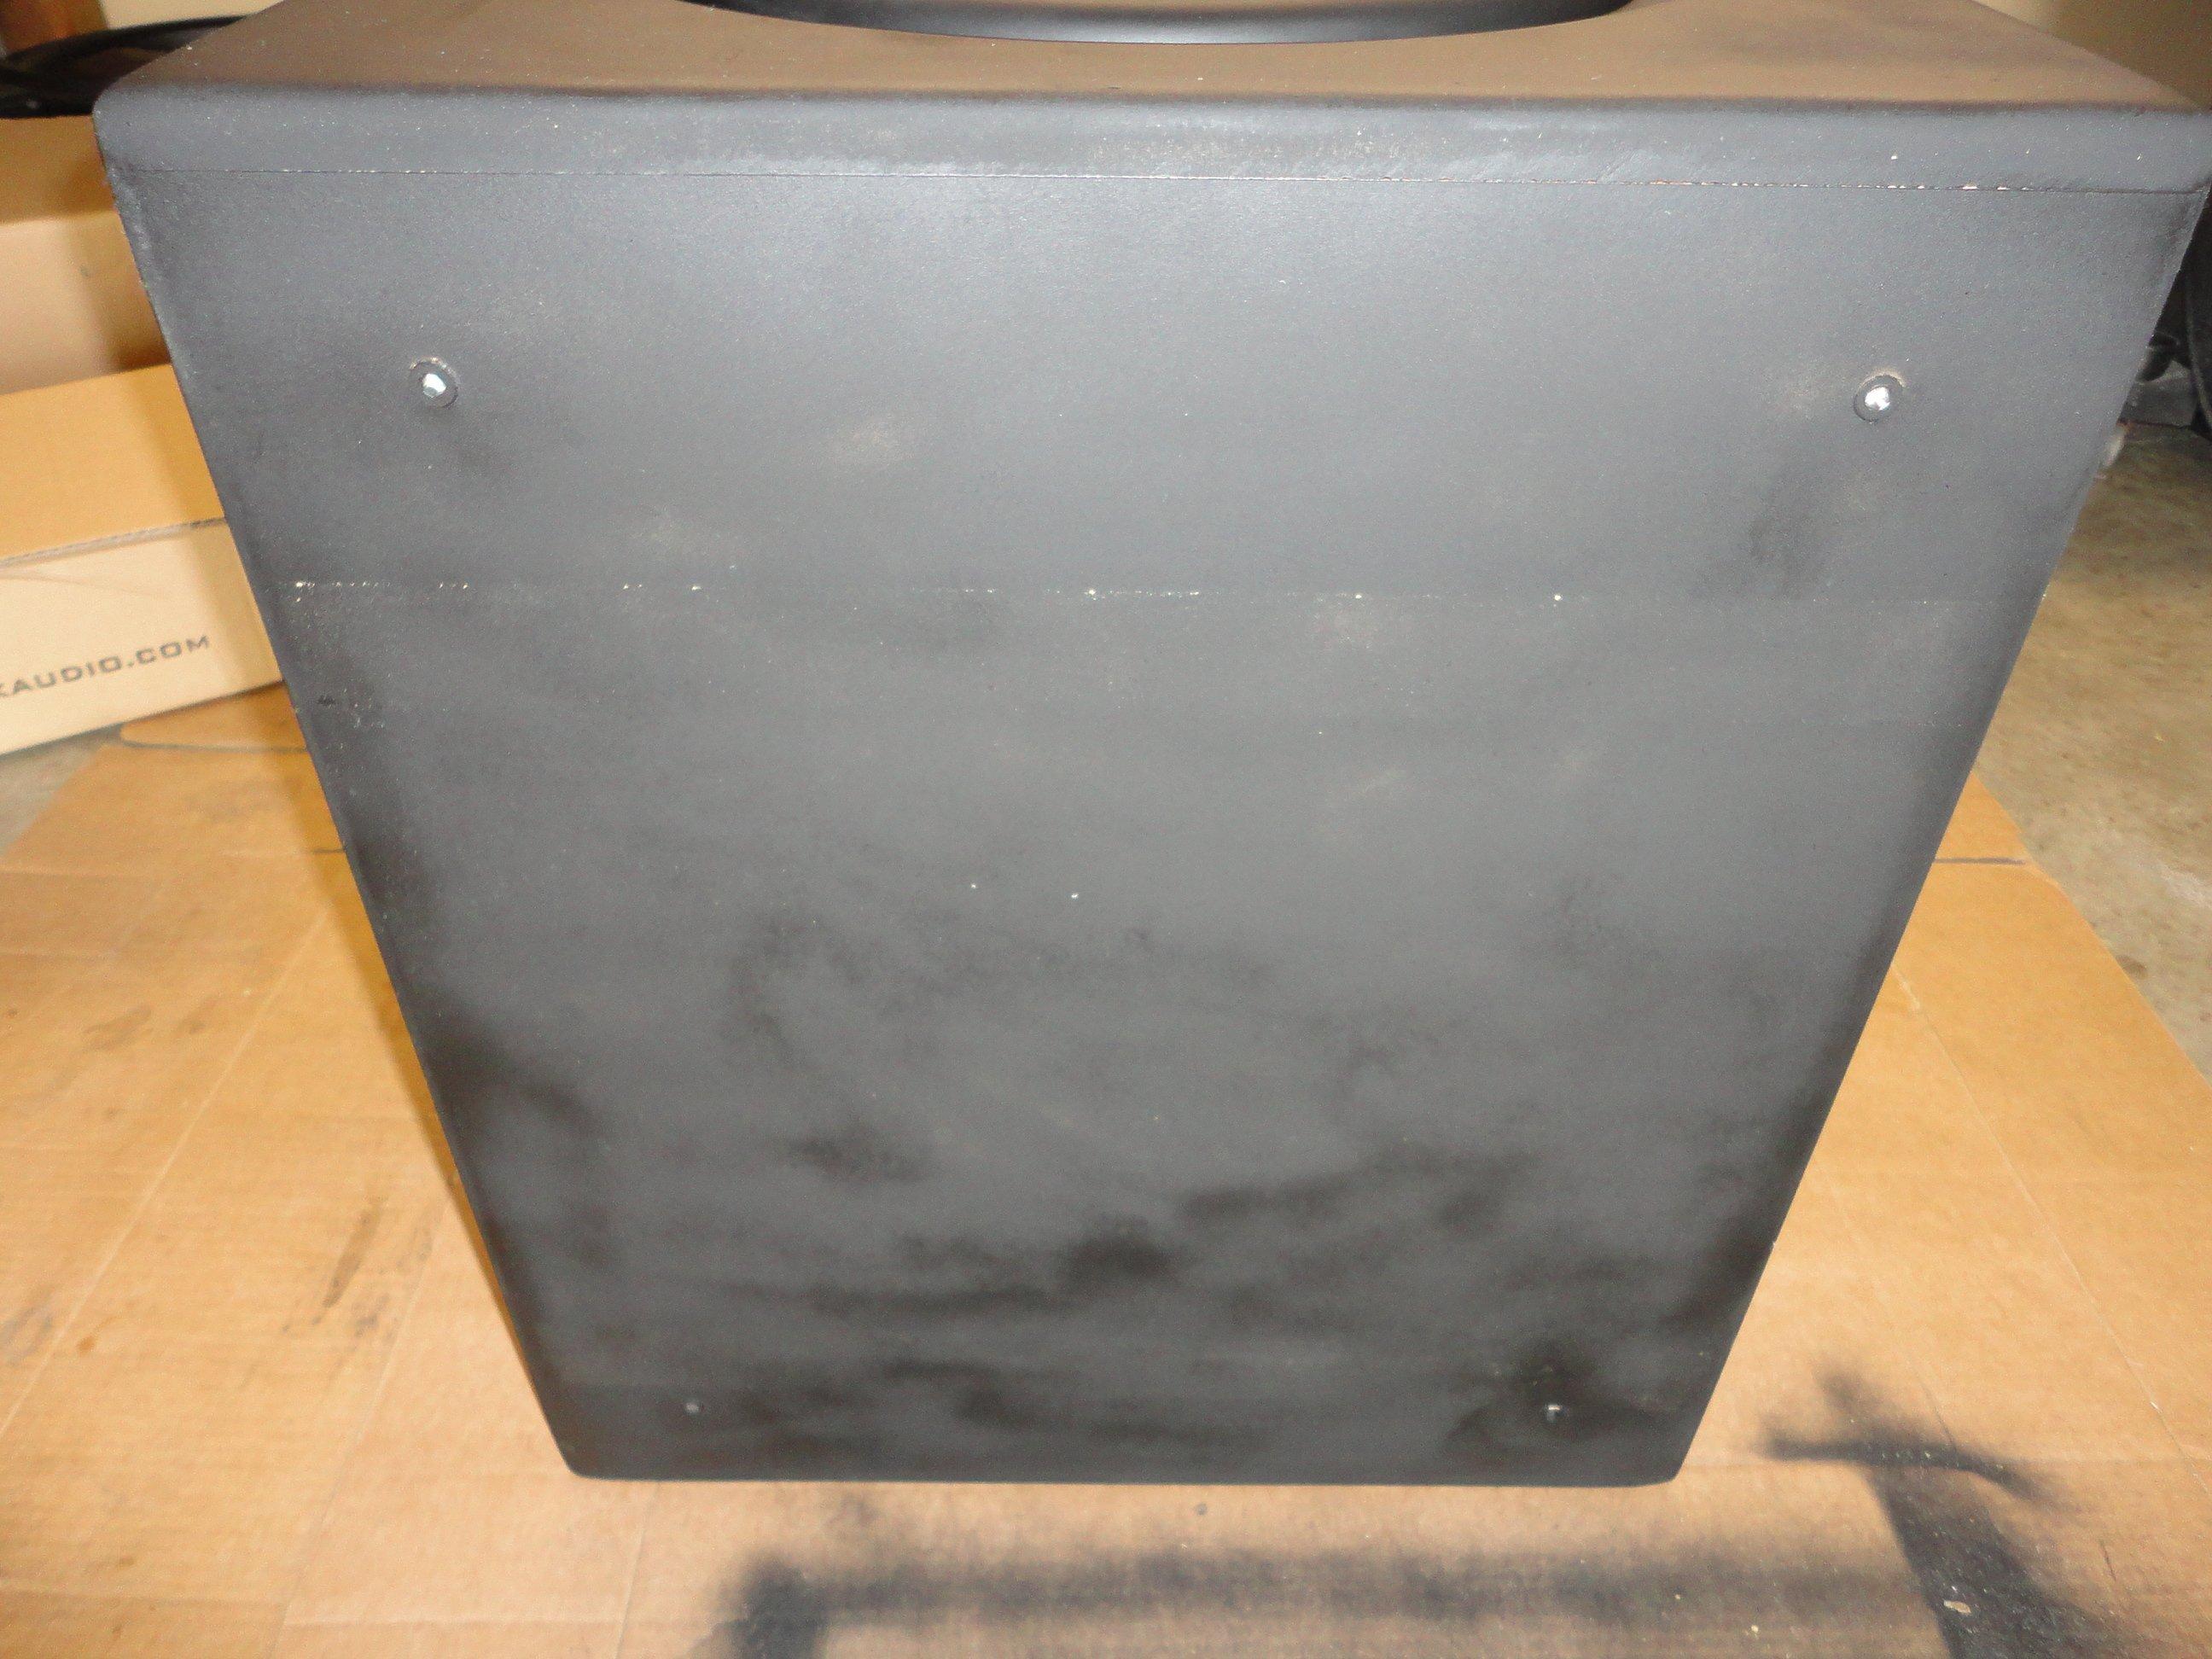 Pa Speaker Wire Diagram Http Wwwavsforumcom T 625807 Definitive